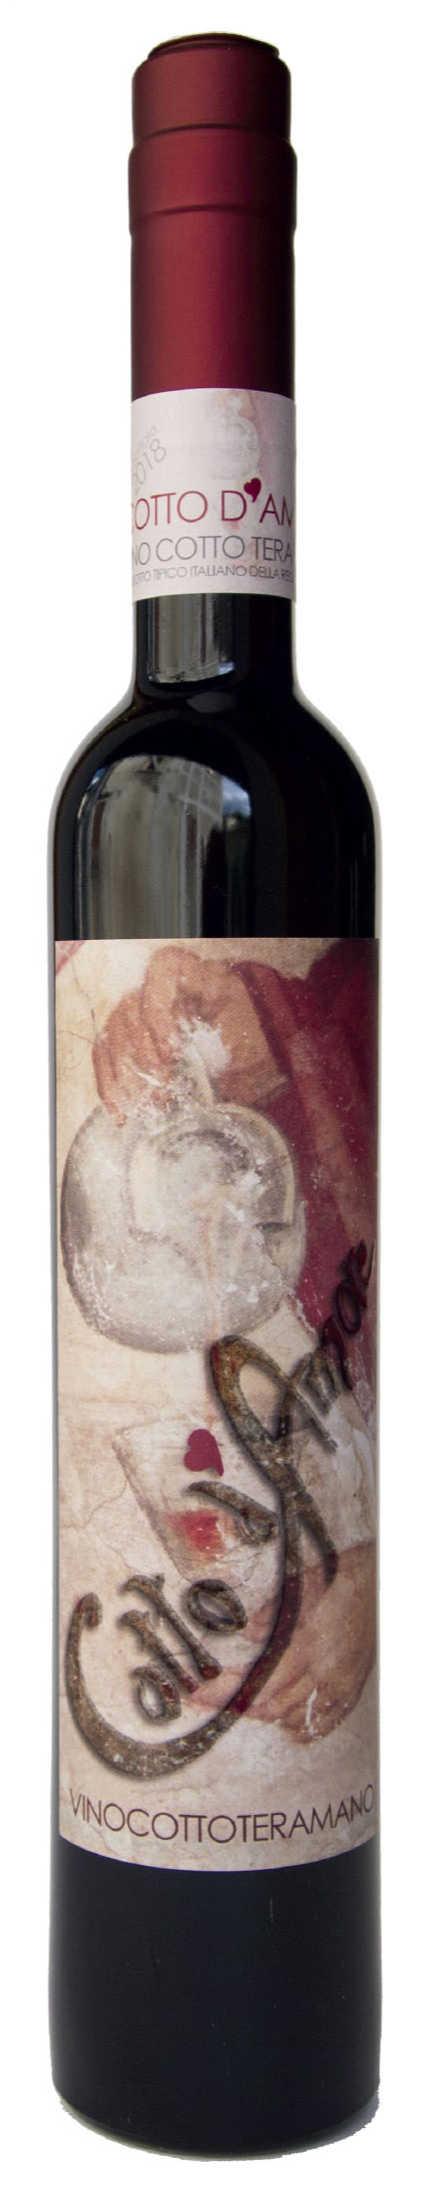 cotto amore vino cotto